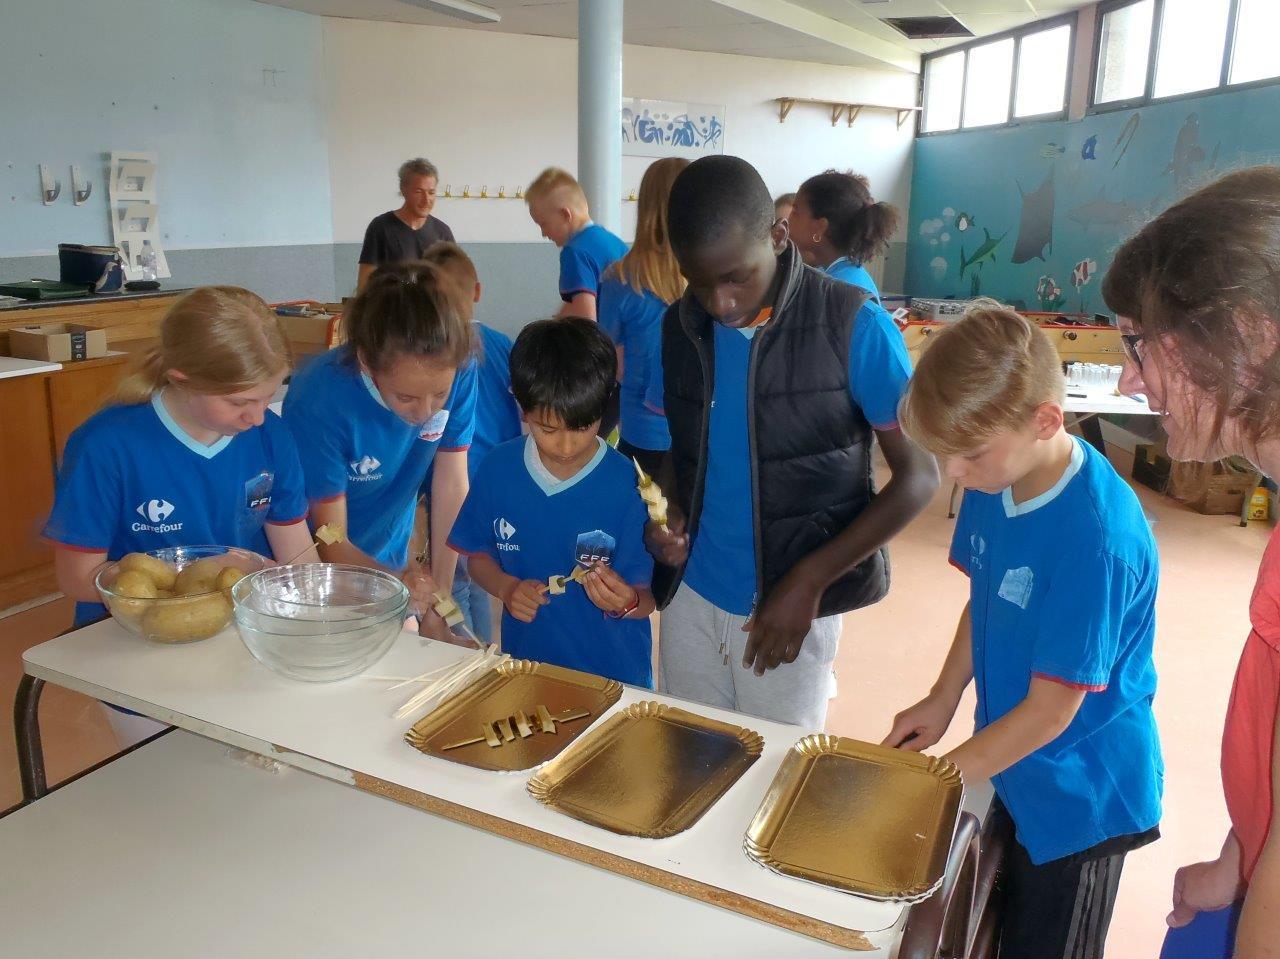 Les élèves préparent les brochettes d'Emmenthal et cornichons.